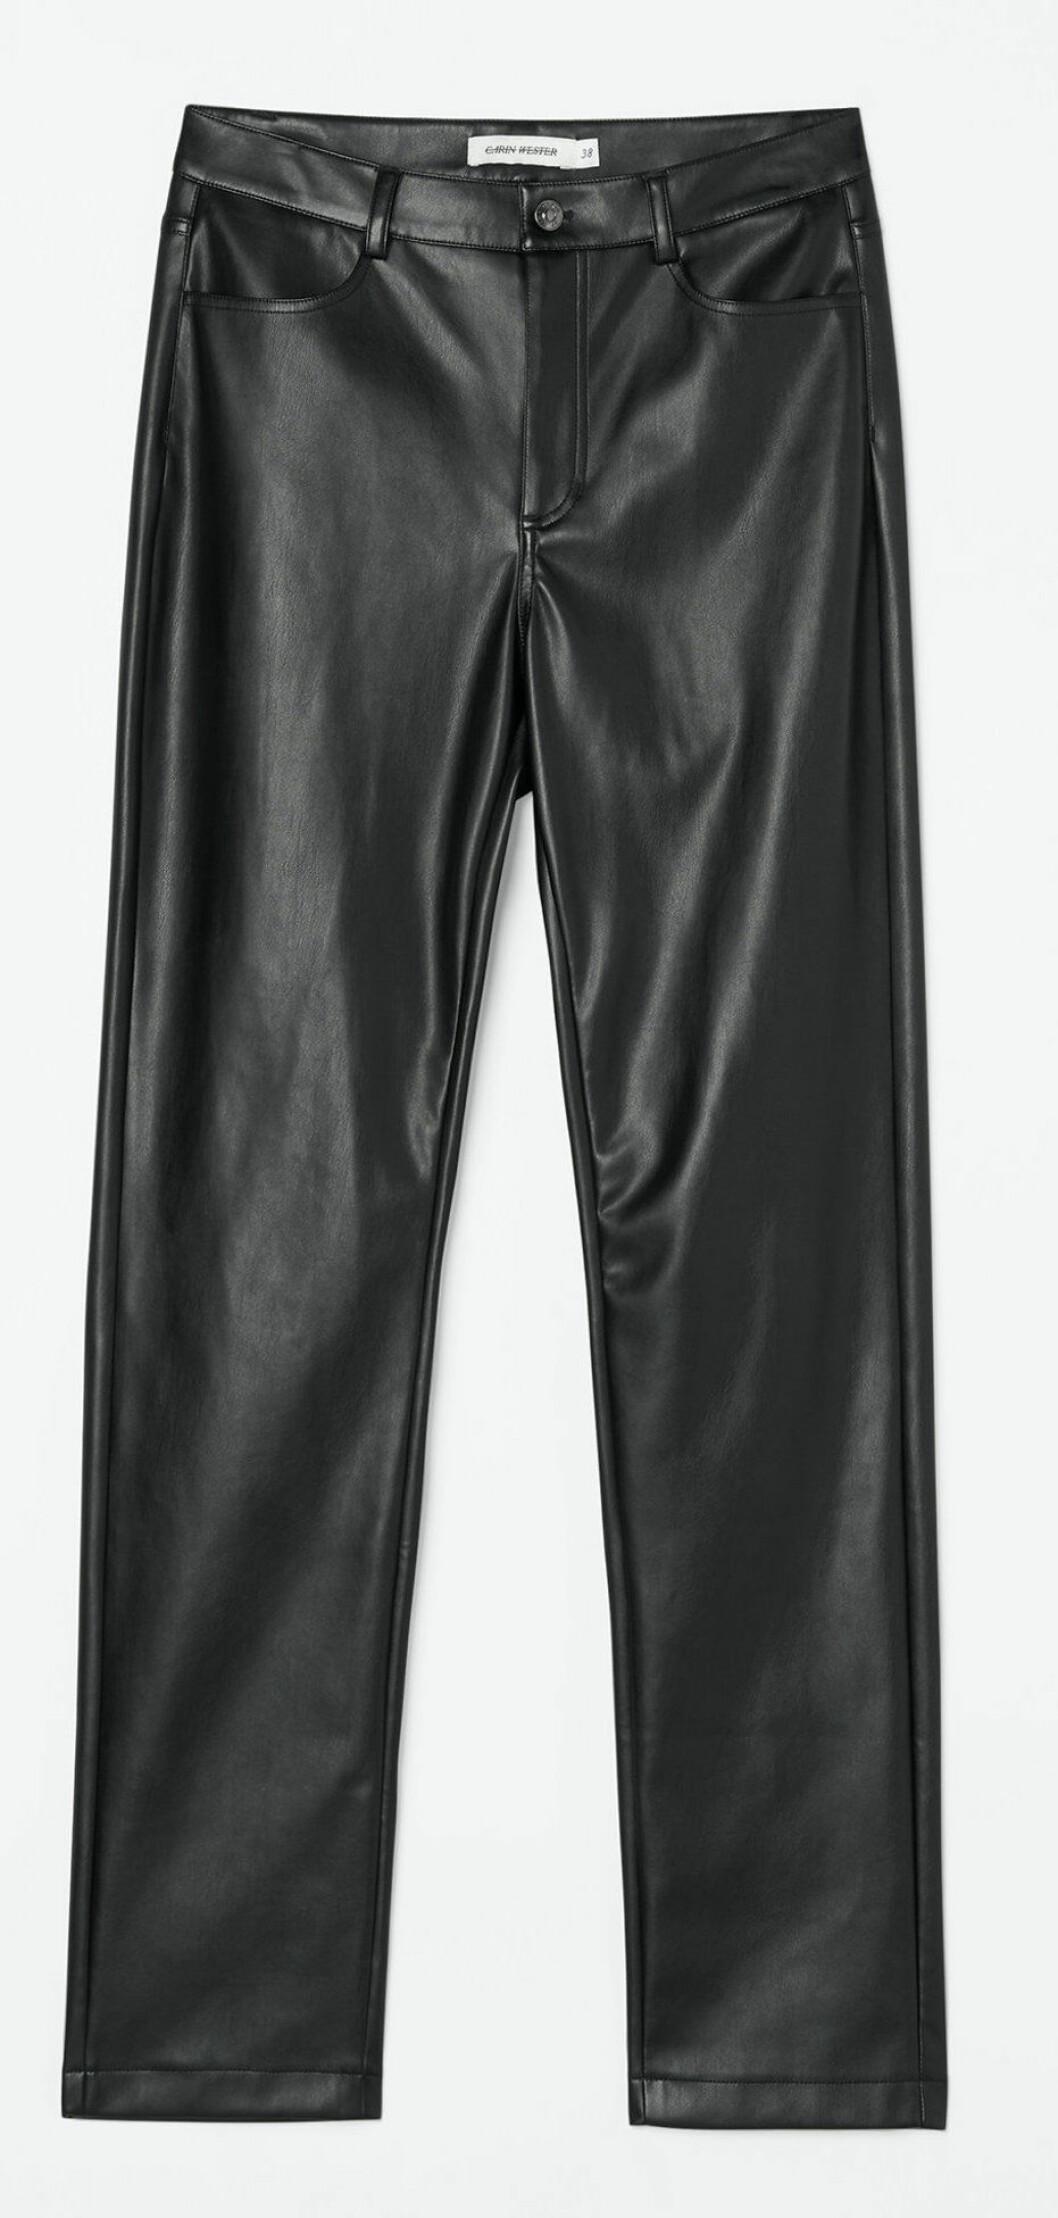 Byxor i läderimitation från Carin Wester